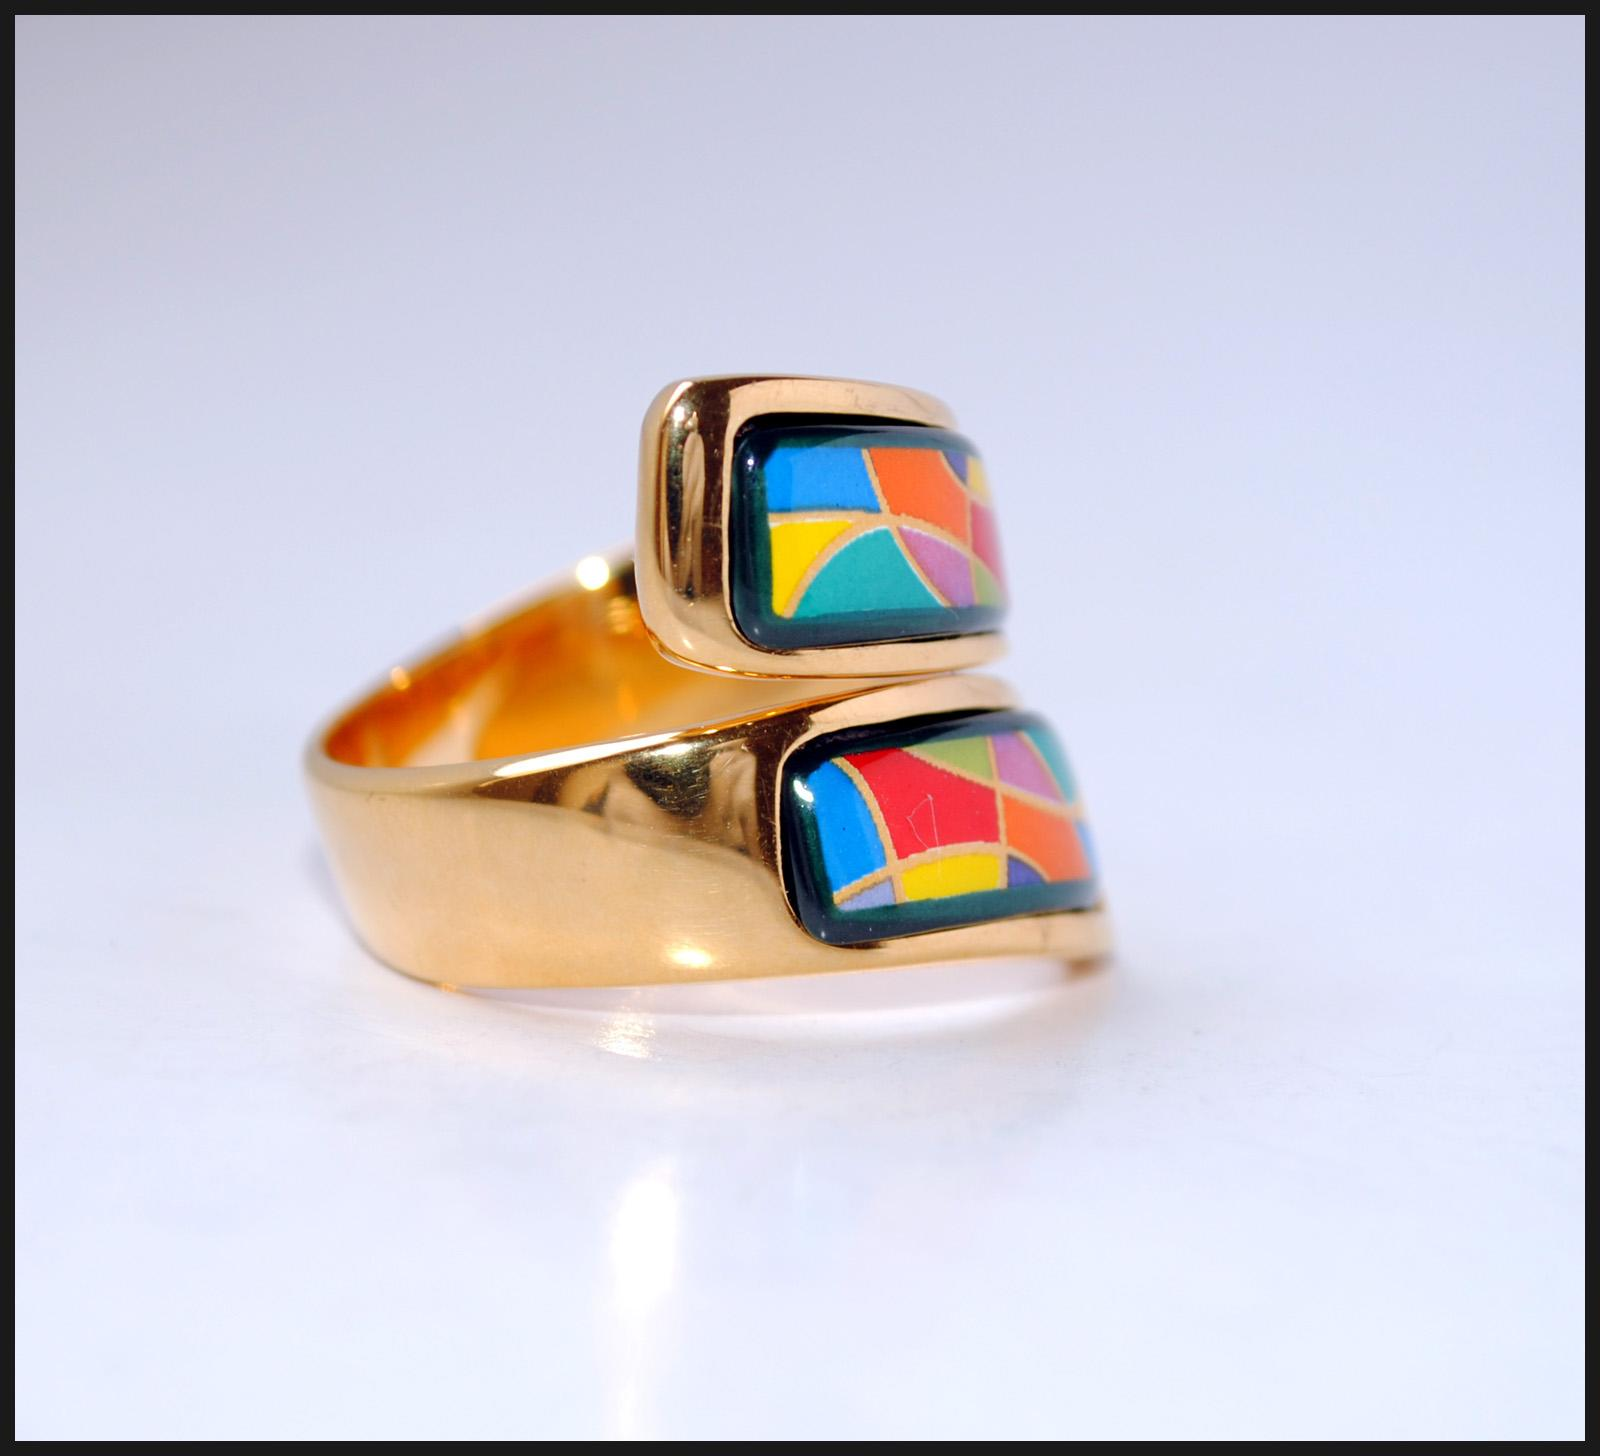 Grohandel Enjoy Life Series 18K Vergoldete Emaille Ringe Top Qualitt Doppelt Gebogenen Ring